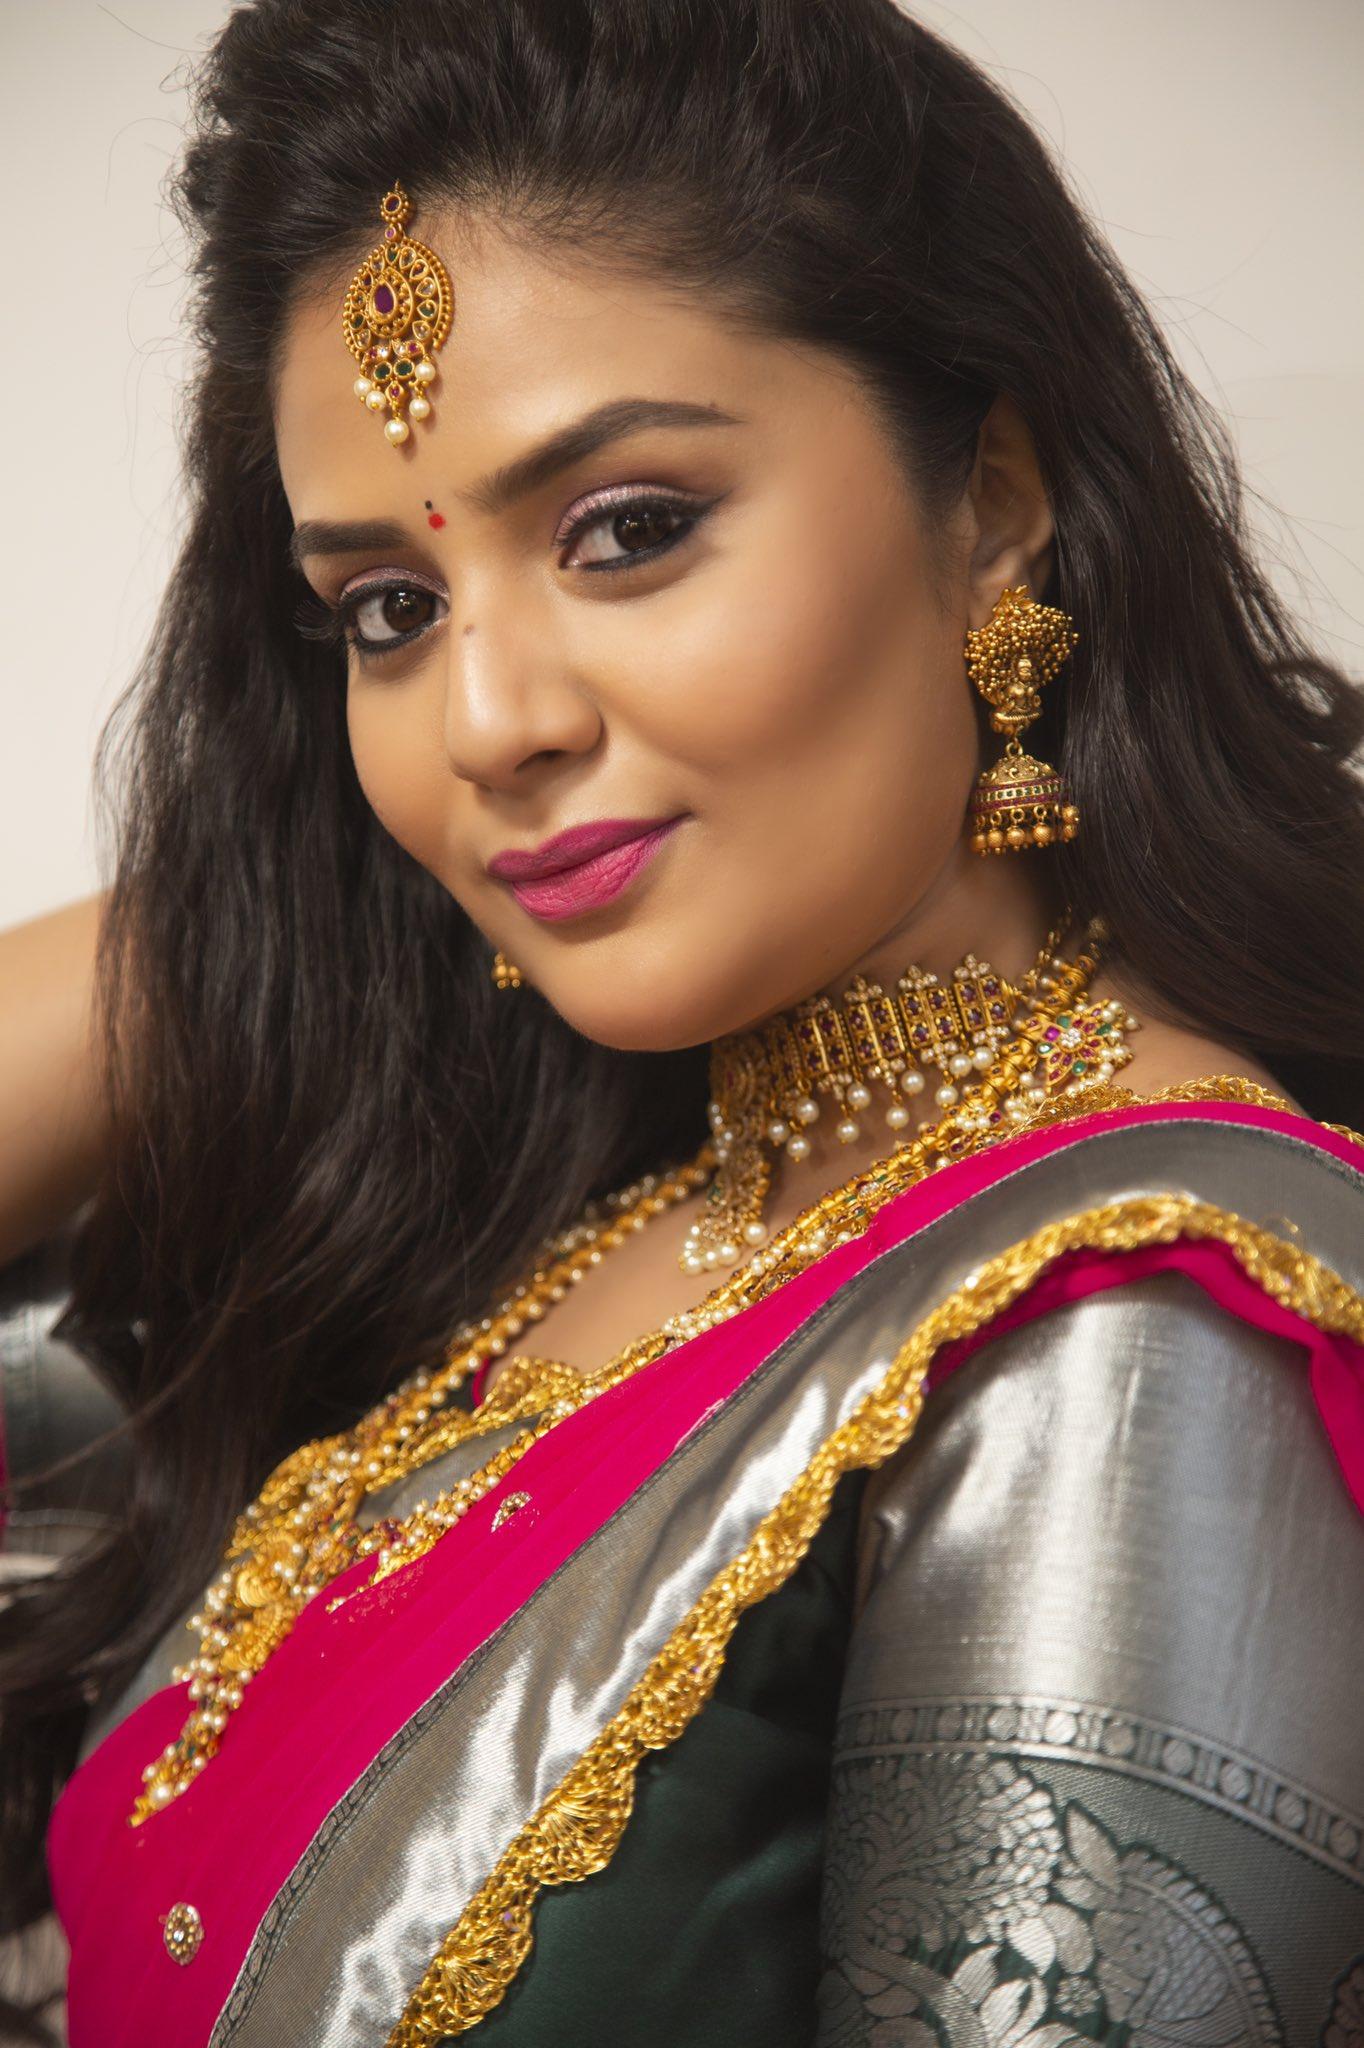 SreeMukhi-image-001-002505641545